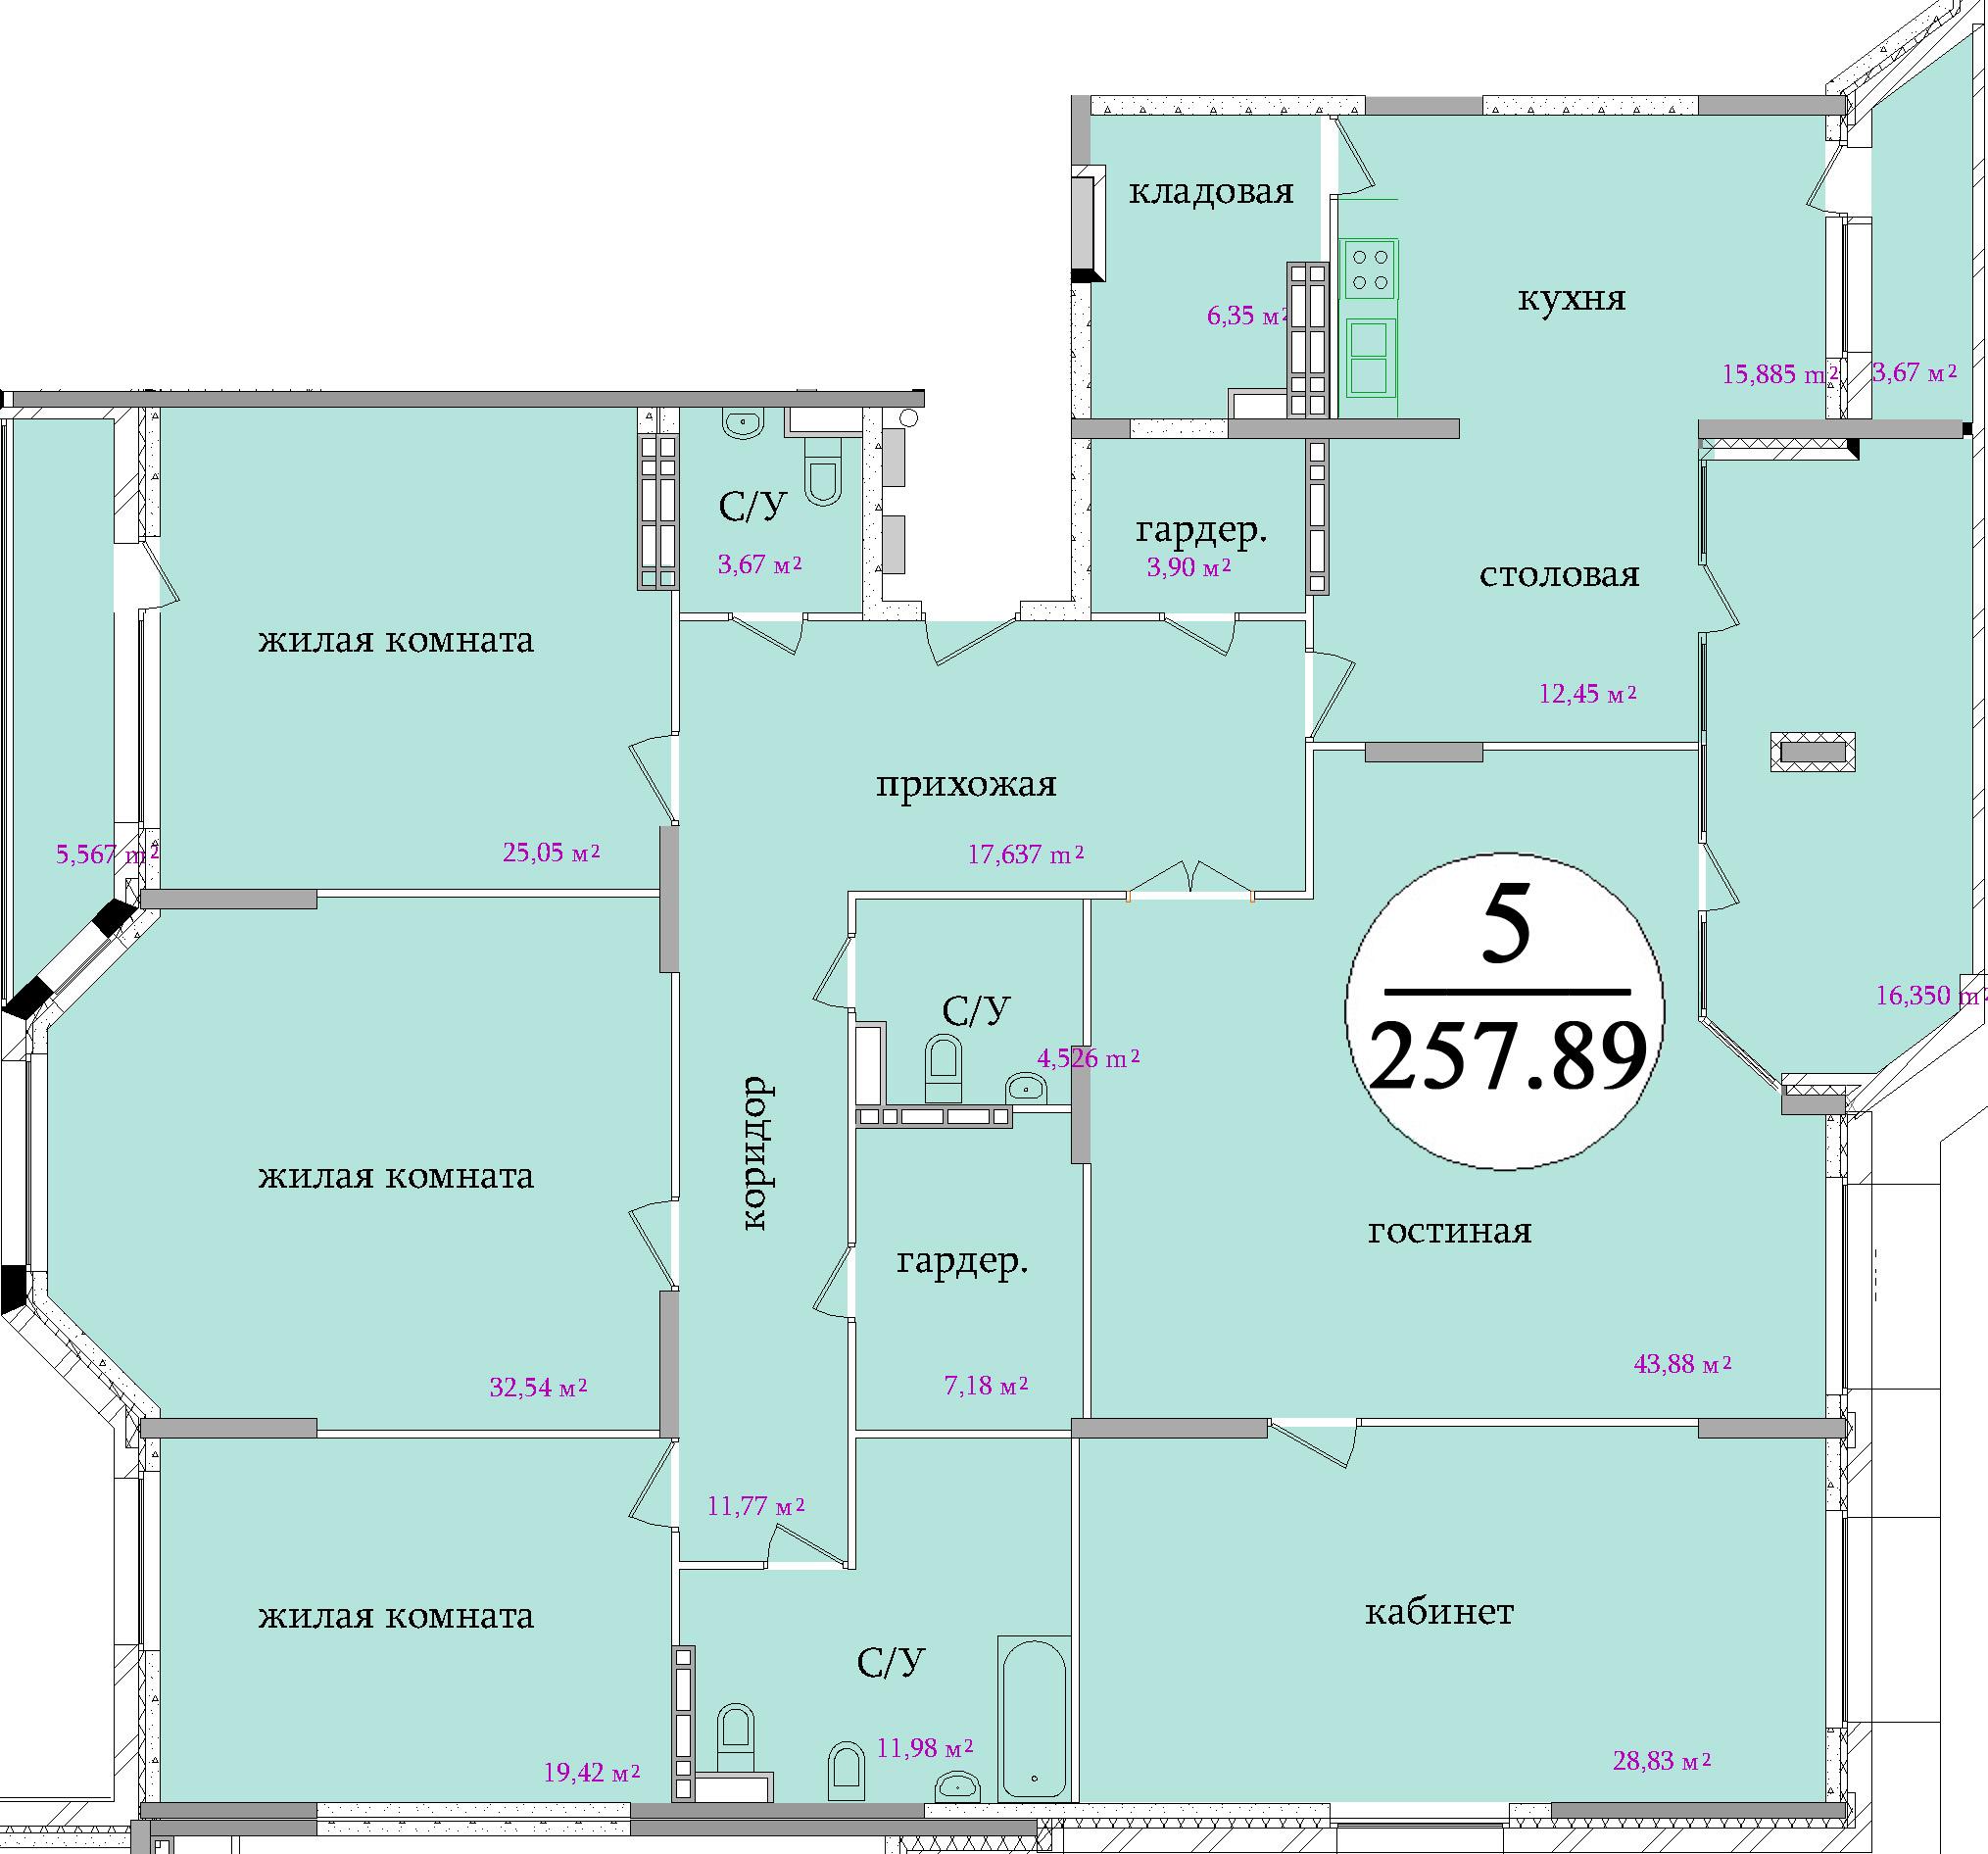 Планировка пятикомнатной квартиры площадью 257,89 м2 ЖК НА ПЕРВОМАЙСКОЙ по улице Первомайская в городе Туле